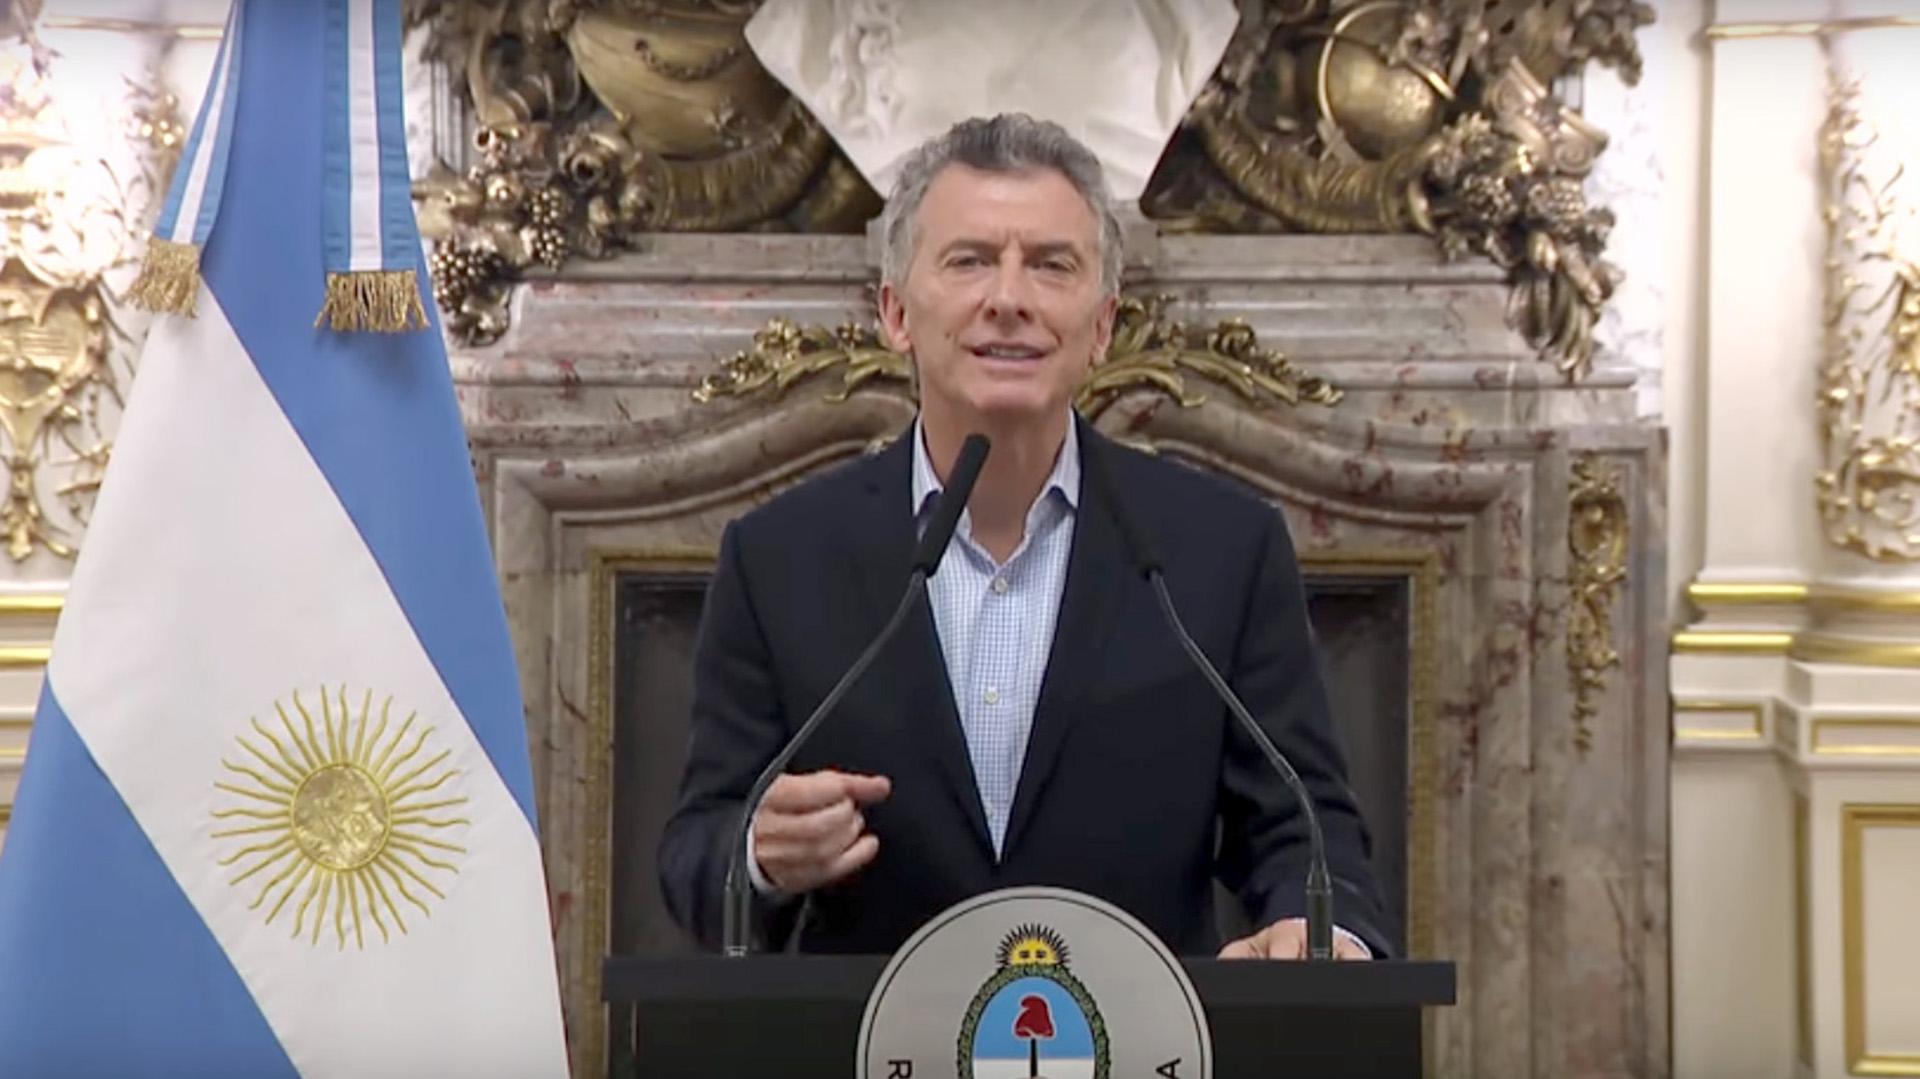 El presidente Mauricio Macri enfrenta tentaciones populistas este año electoral